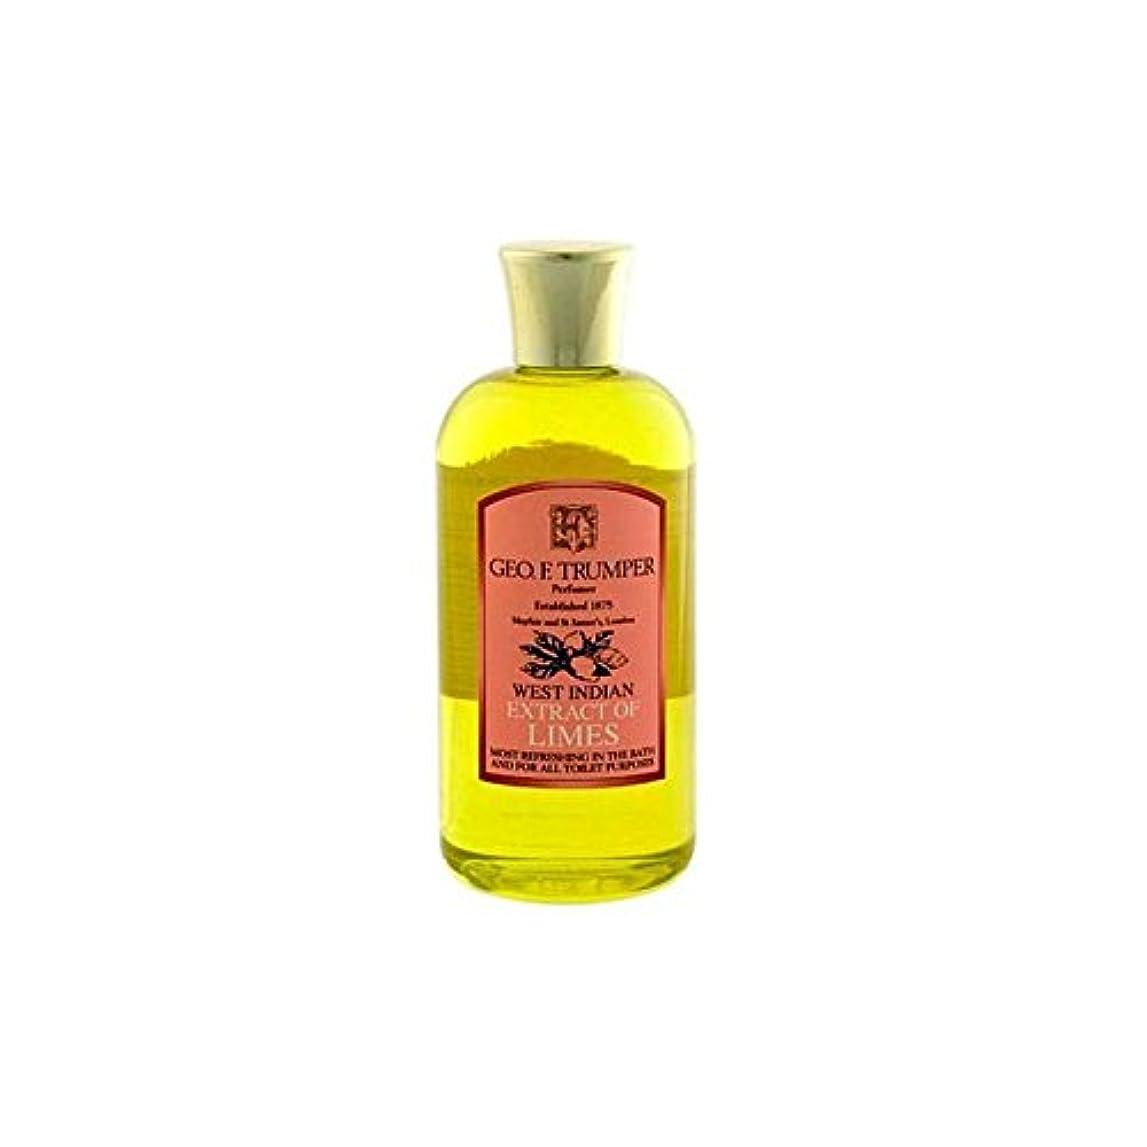 舞い上がるスポーツ参加者Trumpers Extracts of Limes Bath and Shower Gel 200ml - ライムのバスタブとシャワージェル200の抽出物を [並行輸入品]